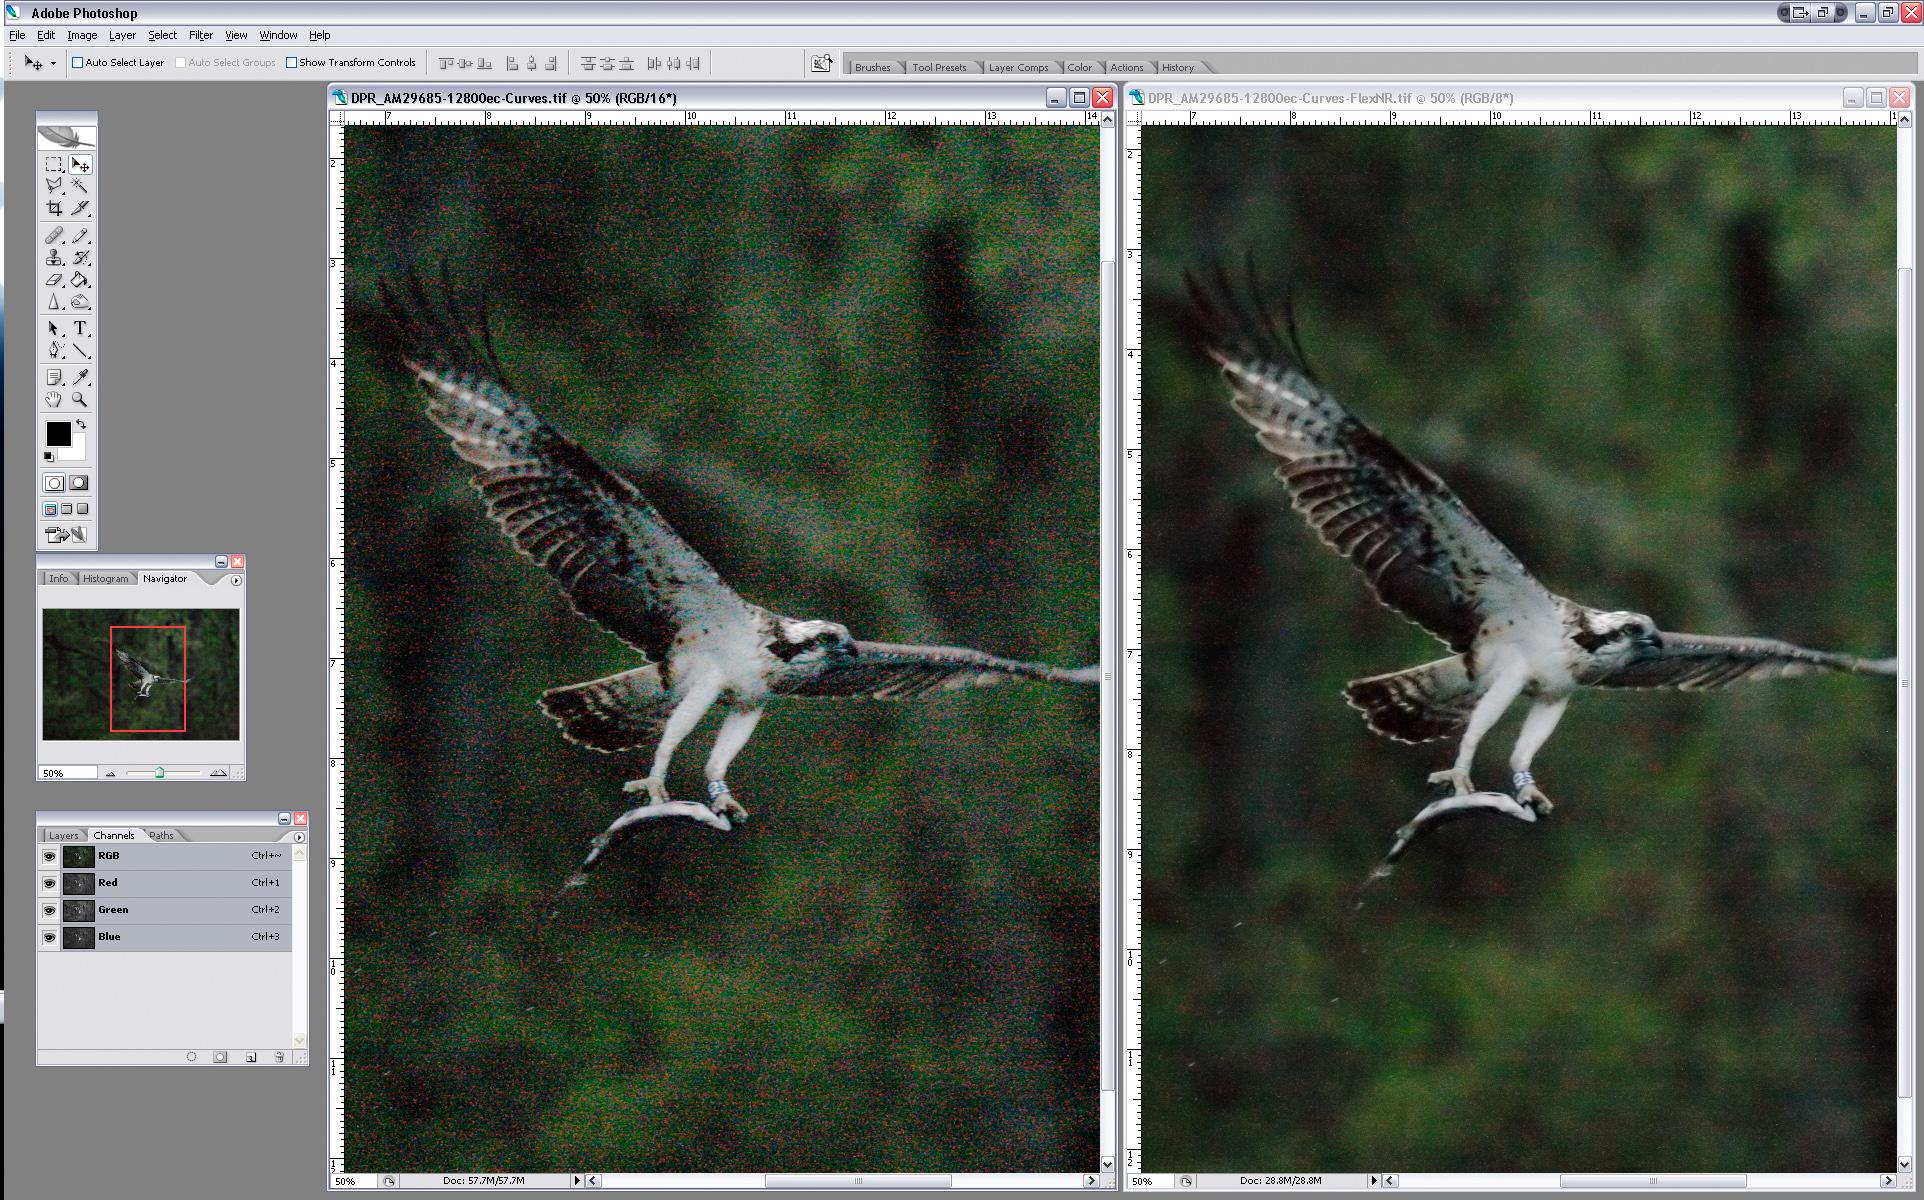 SCREEN_SHOT1D3-OSPREY-ISO12800+_FlexNR-2.jpg